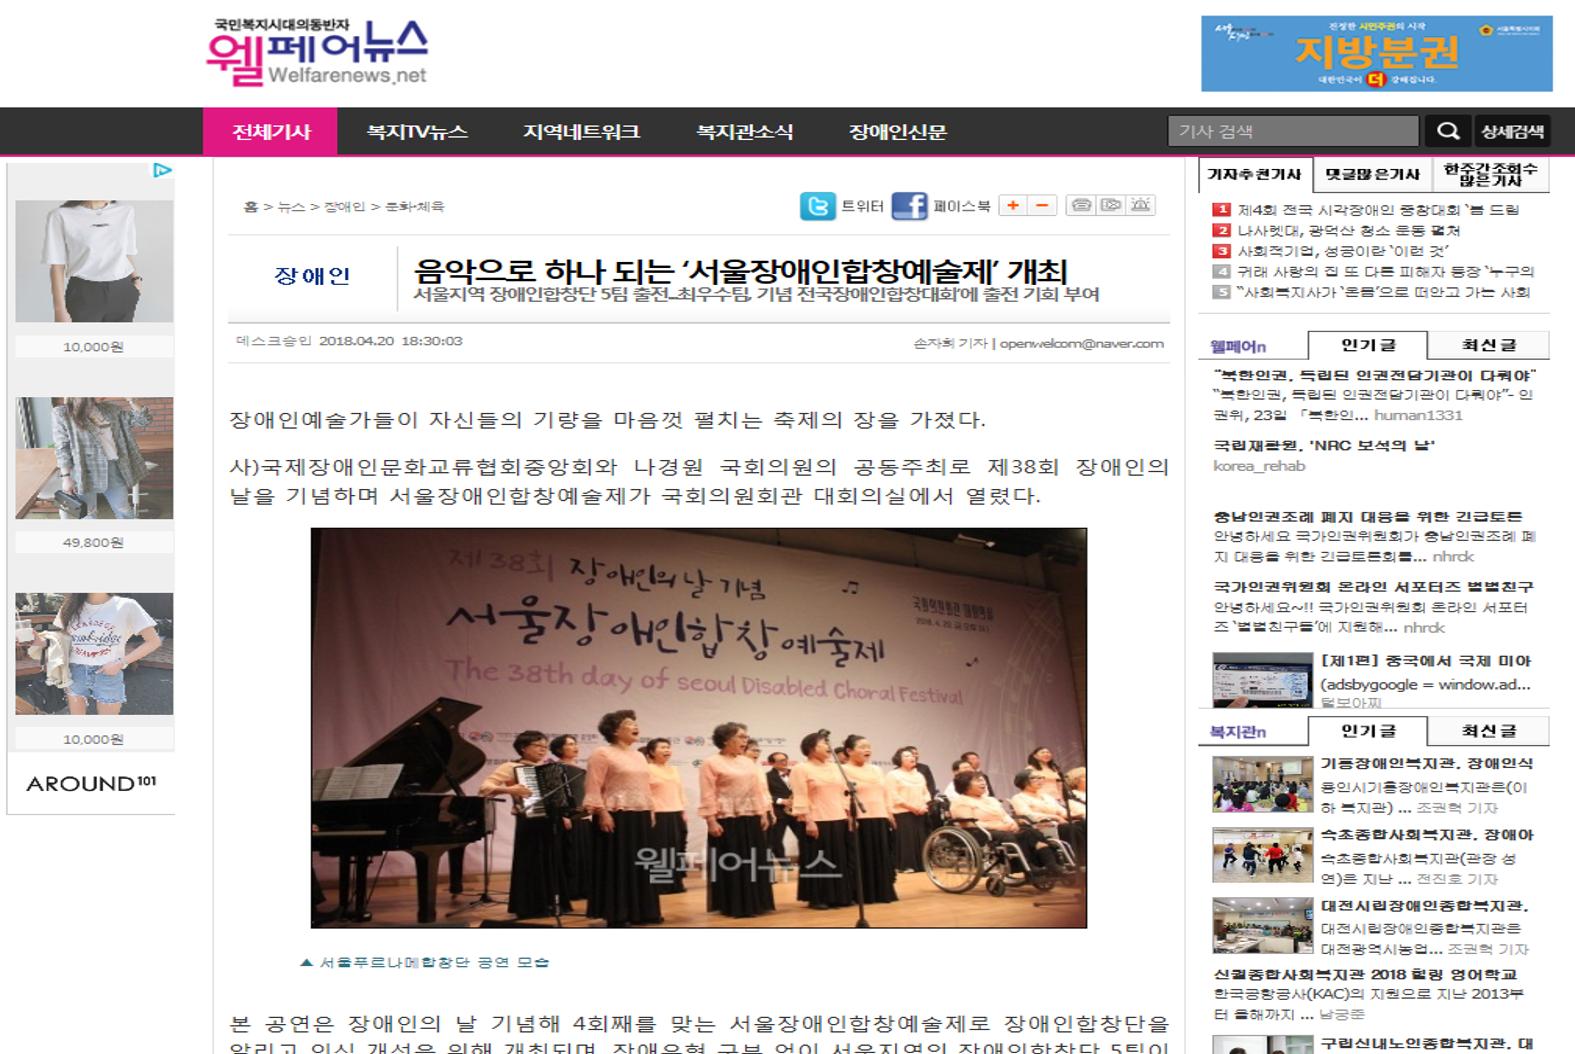 월페어뉴스-음악으로 하나 되는 '서울장애인합창예술제' 개최.png